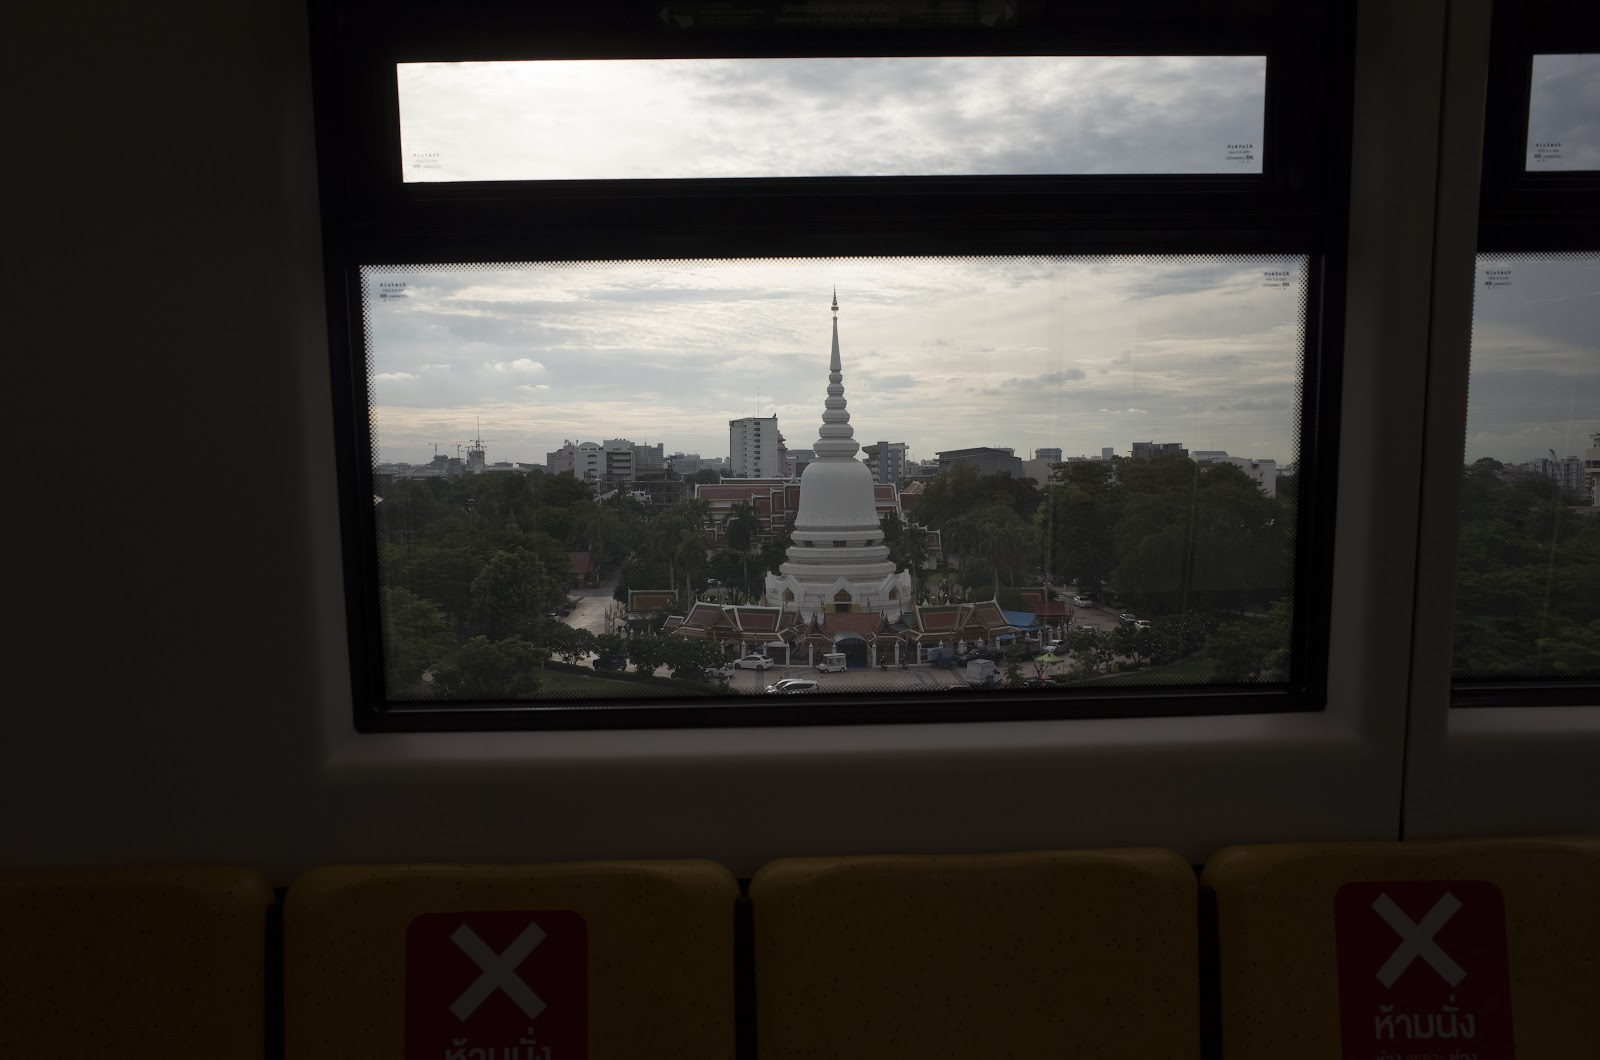 ภาพถ่ายจากหน้าต่างรถไฟฟ้าจากสถานีวัดพระศรีมหาธาตุ มุ่งหน้าสถานีกรมทหารราบ 11